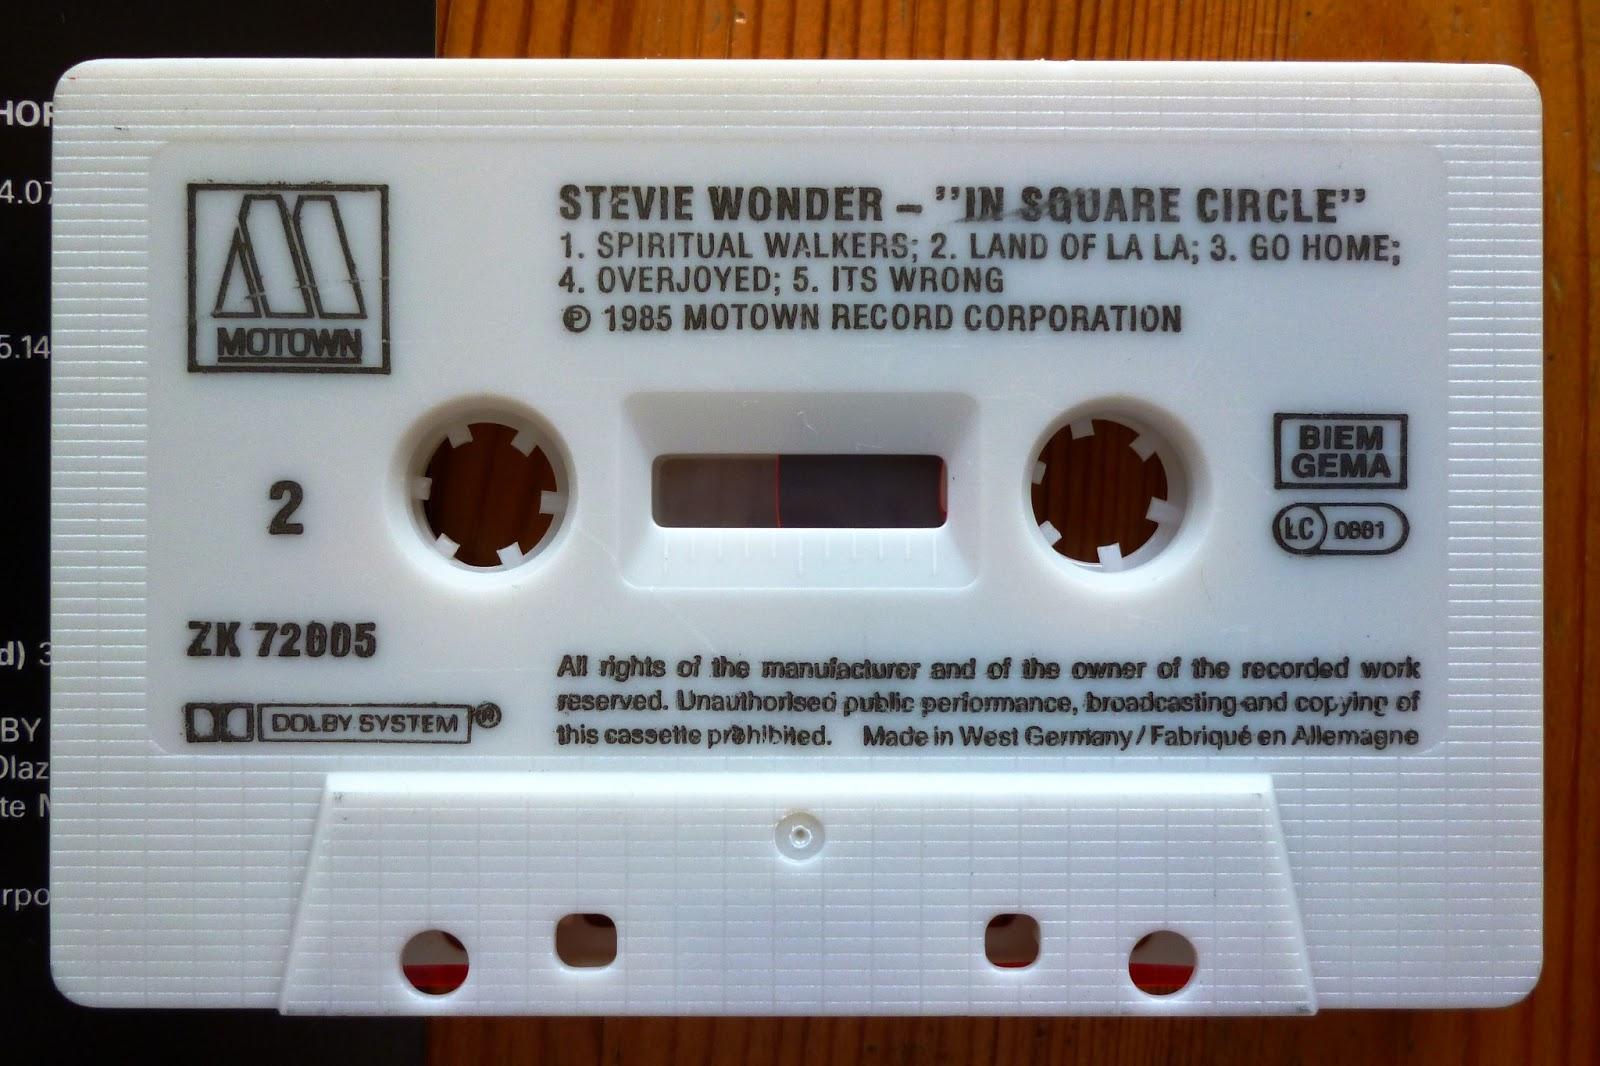 Cassette Deck Fotos de archivo e imgenes - es123rfcom